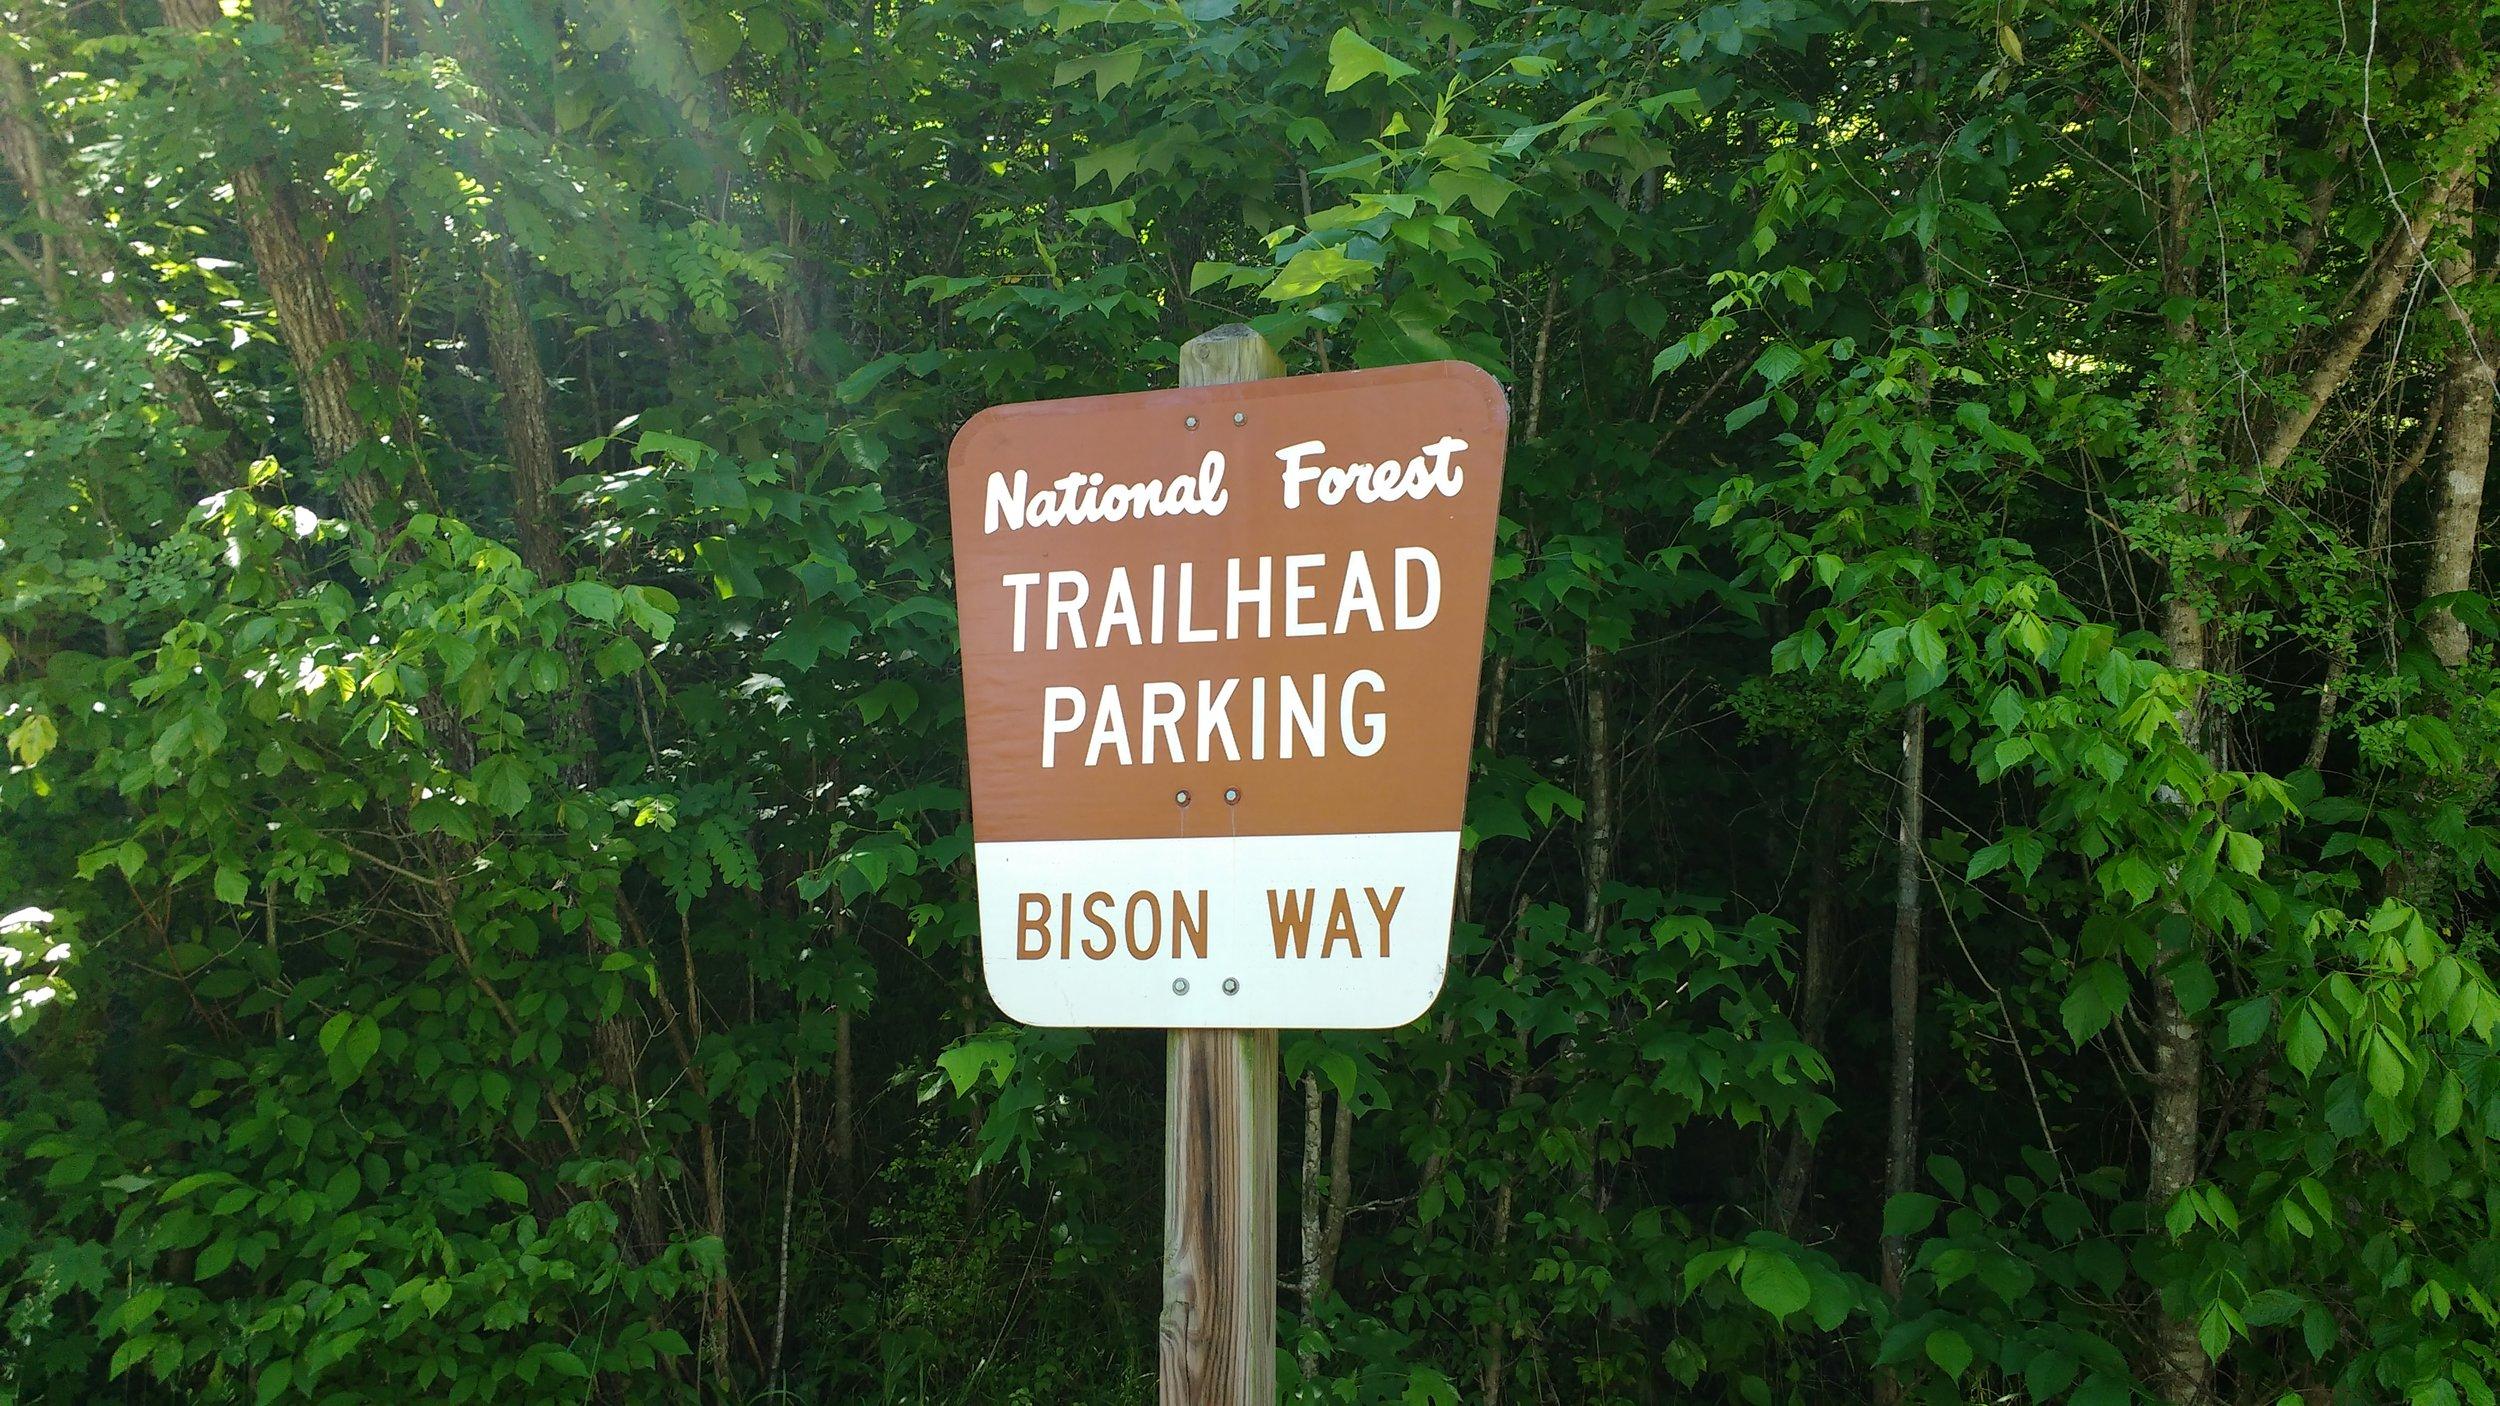 Bison Way Trailhead parking sign